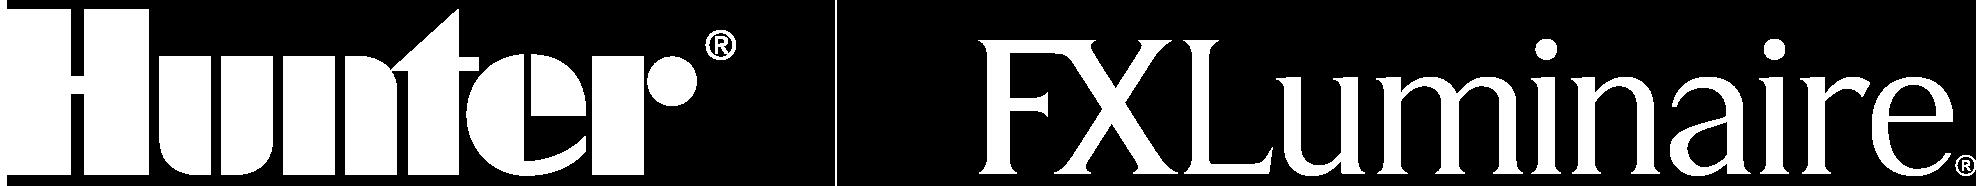 Company Logos Fx Luminaire